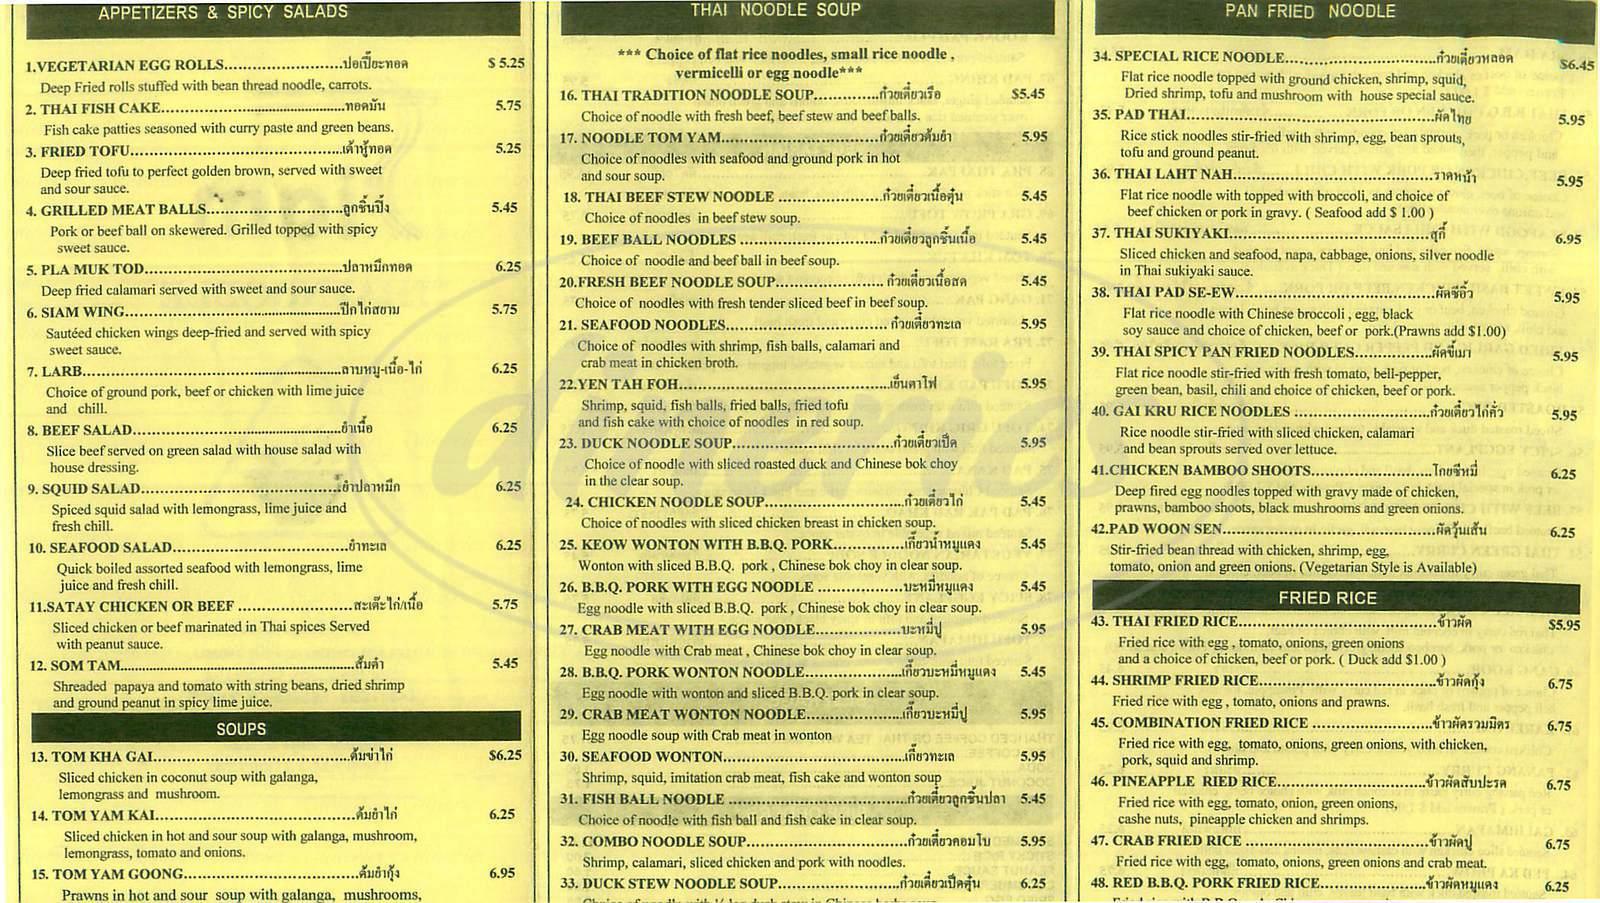 menu for Siam Thai Noodle